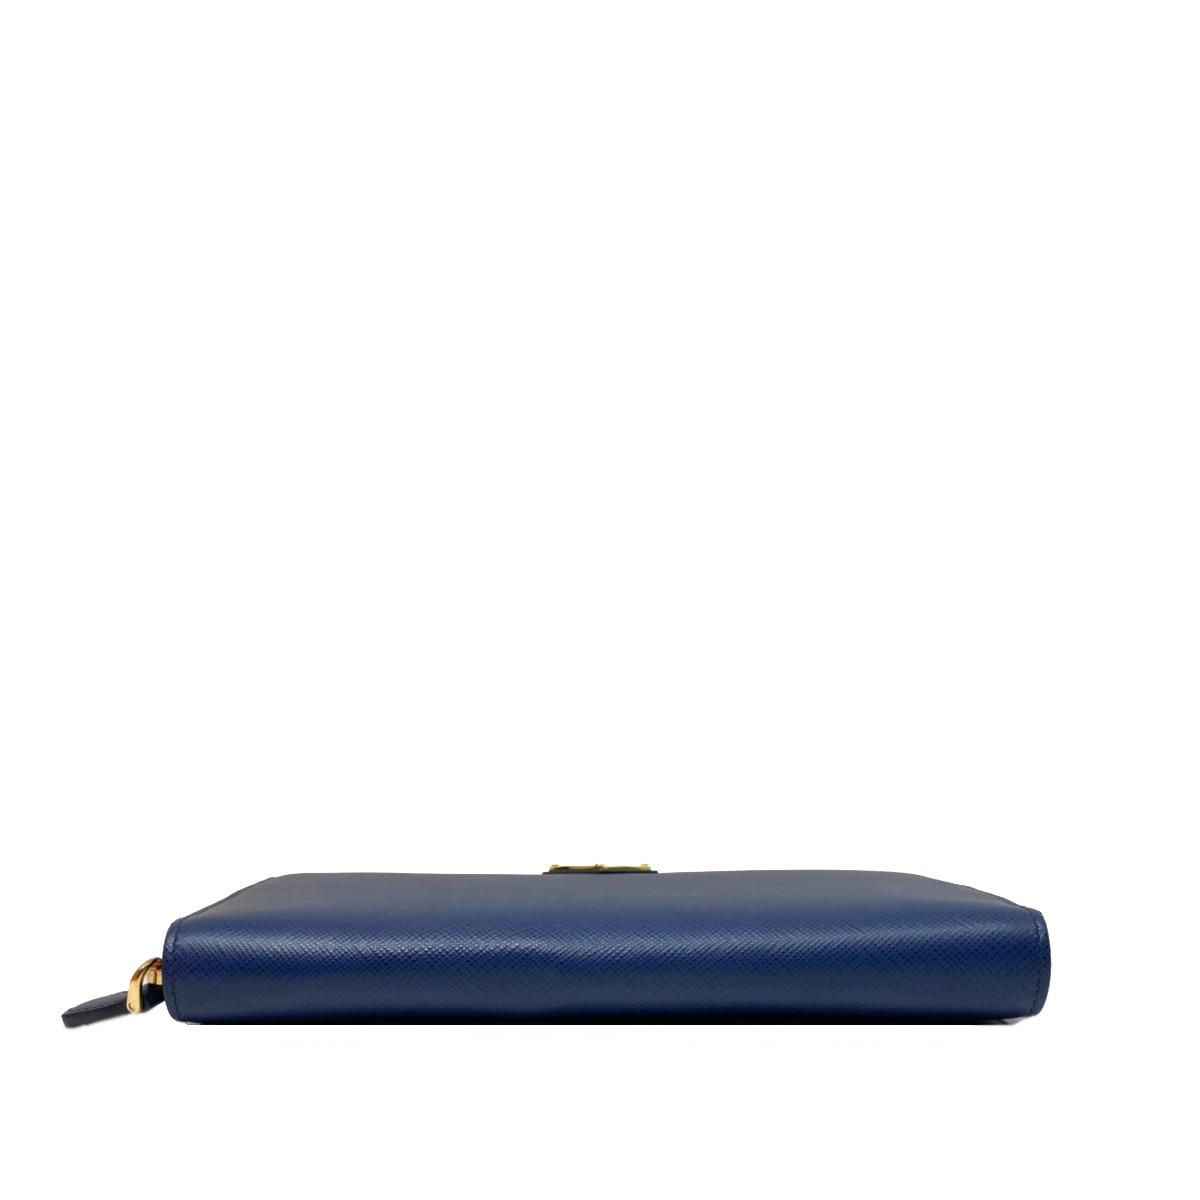 【未使用】【中古】PRADA プラダ ラウンドファスナー長財布 Blue 財布 長財布(小銭入有) SAFFIANO サフィアーノ Blue/ブルー 1ML506 bnwt:N